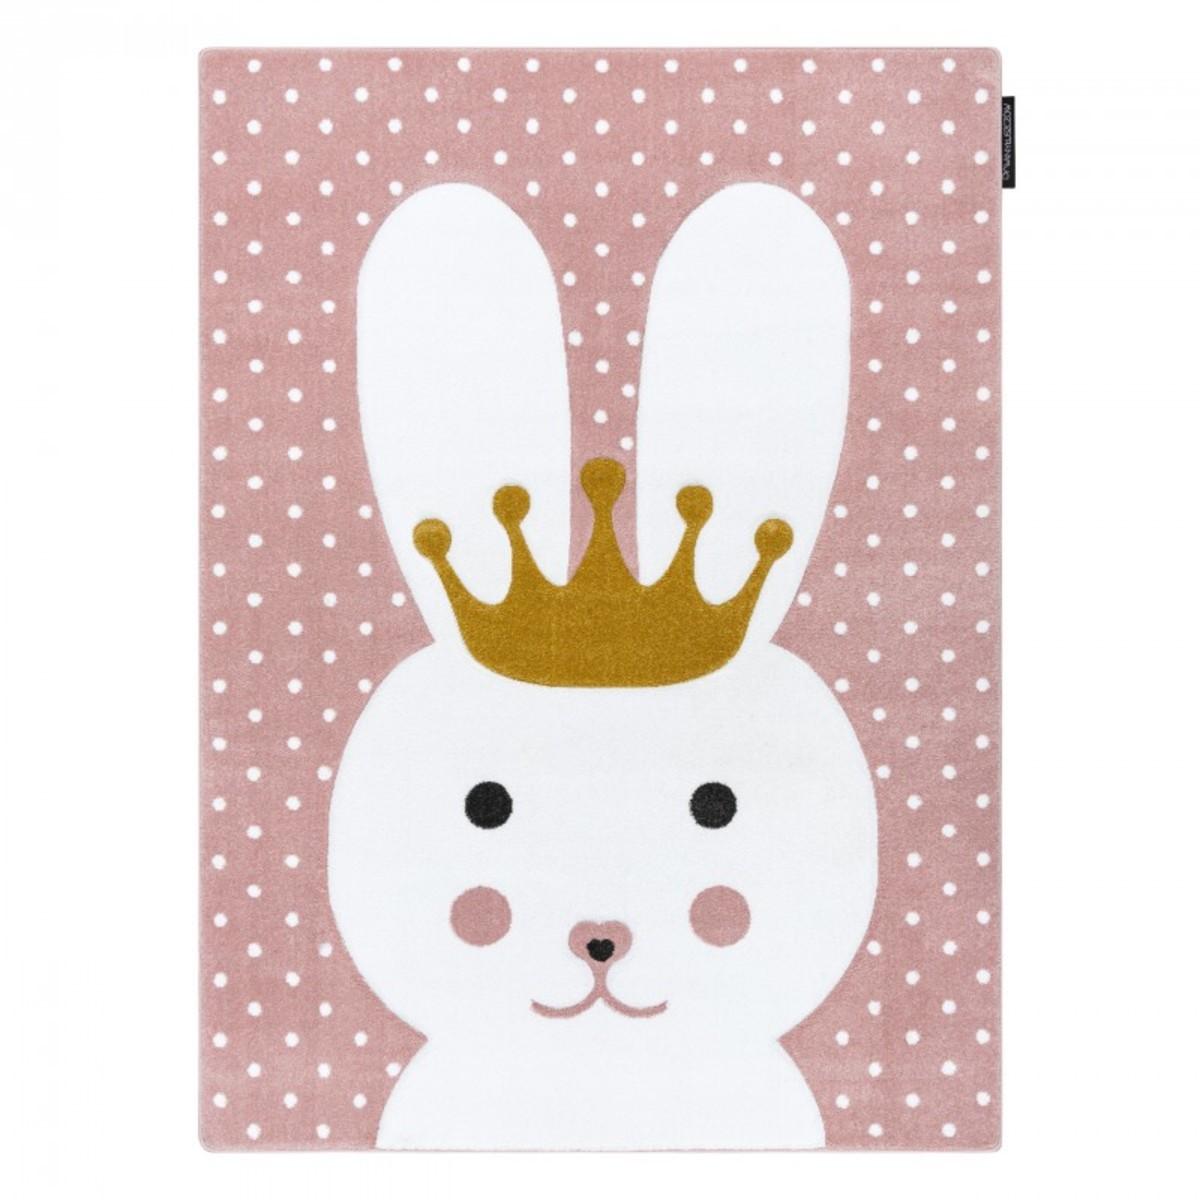 Detský koberec PETIT - Králíček - ružový Bunny rug - pink 120 x 170 cm